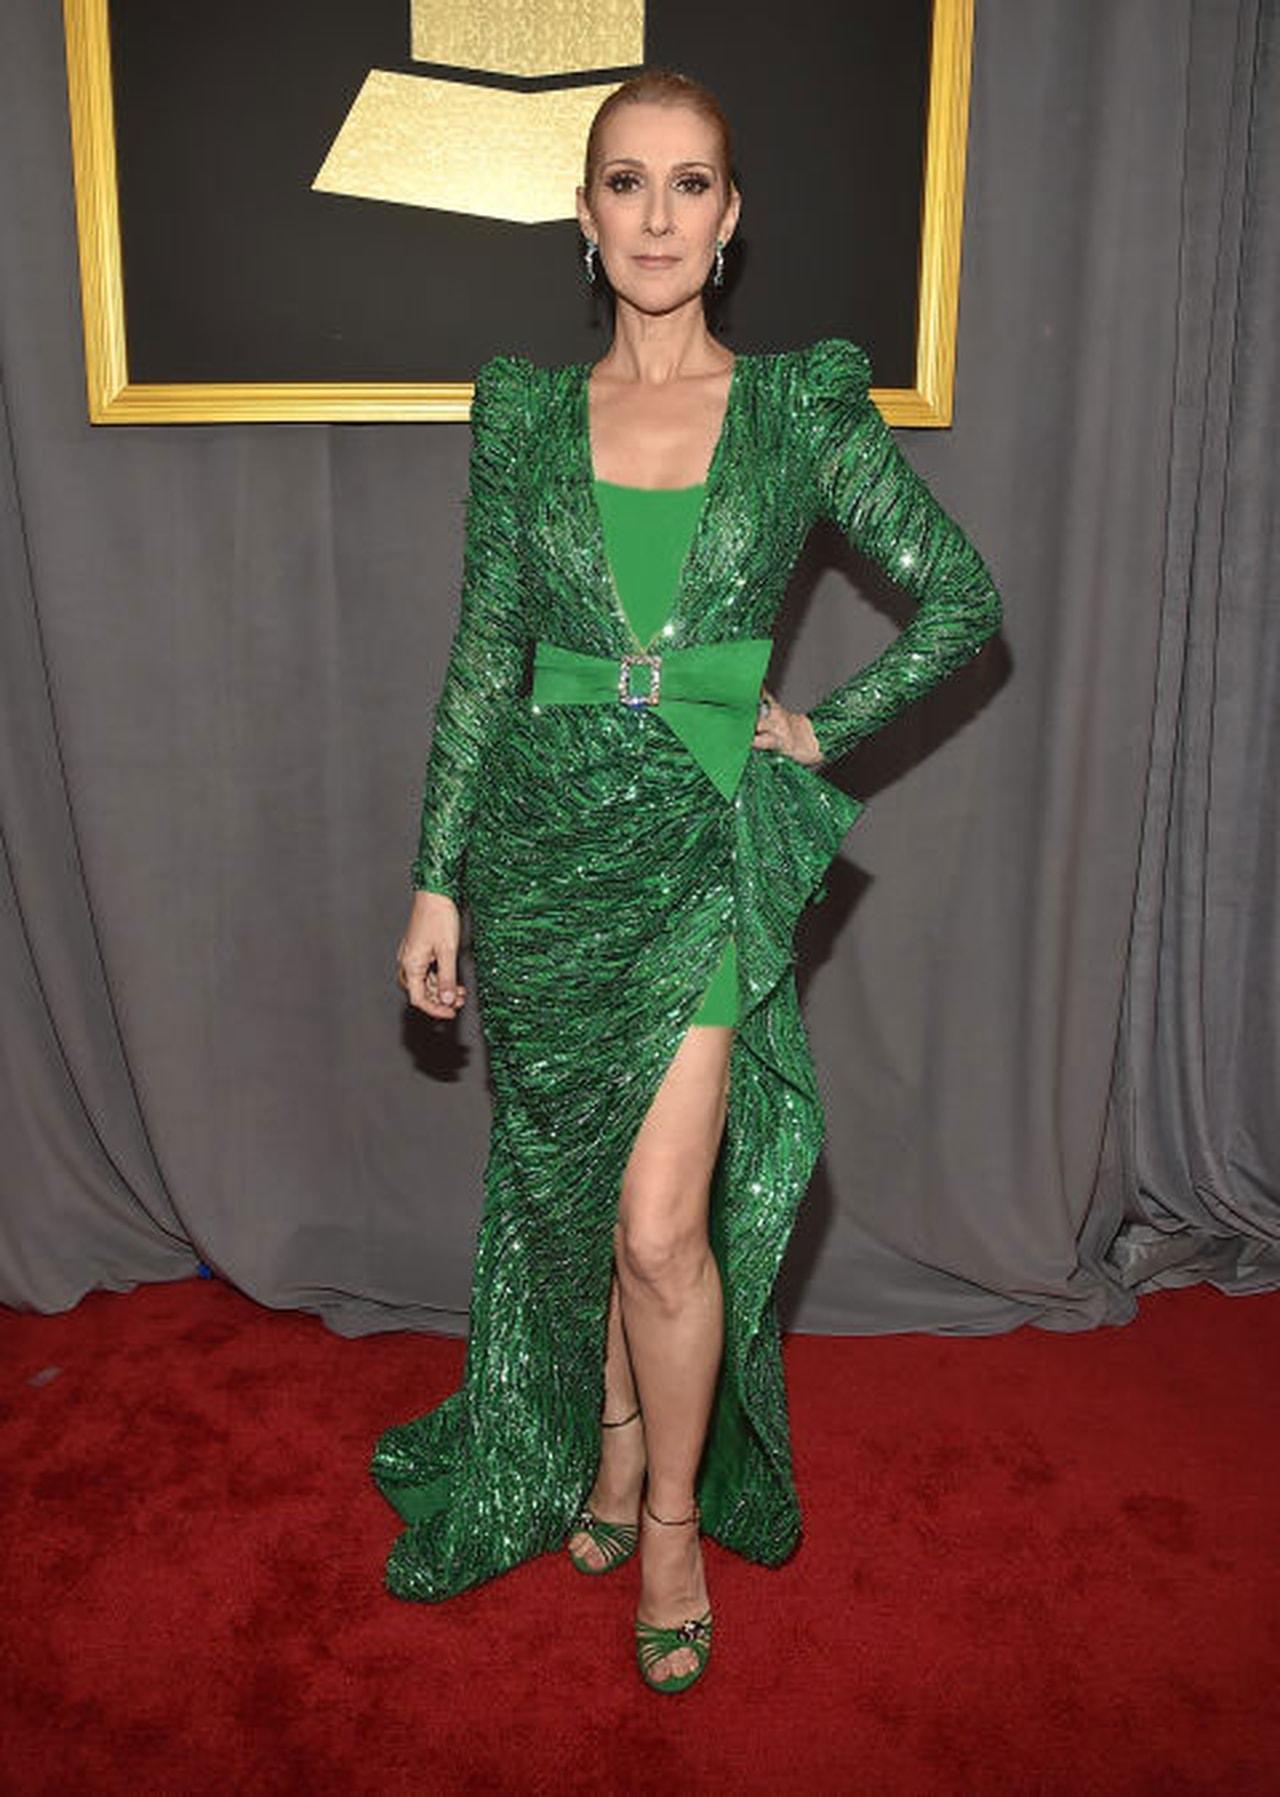 سيلين ديون بفستان أخضر من تصميم زهير مراد